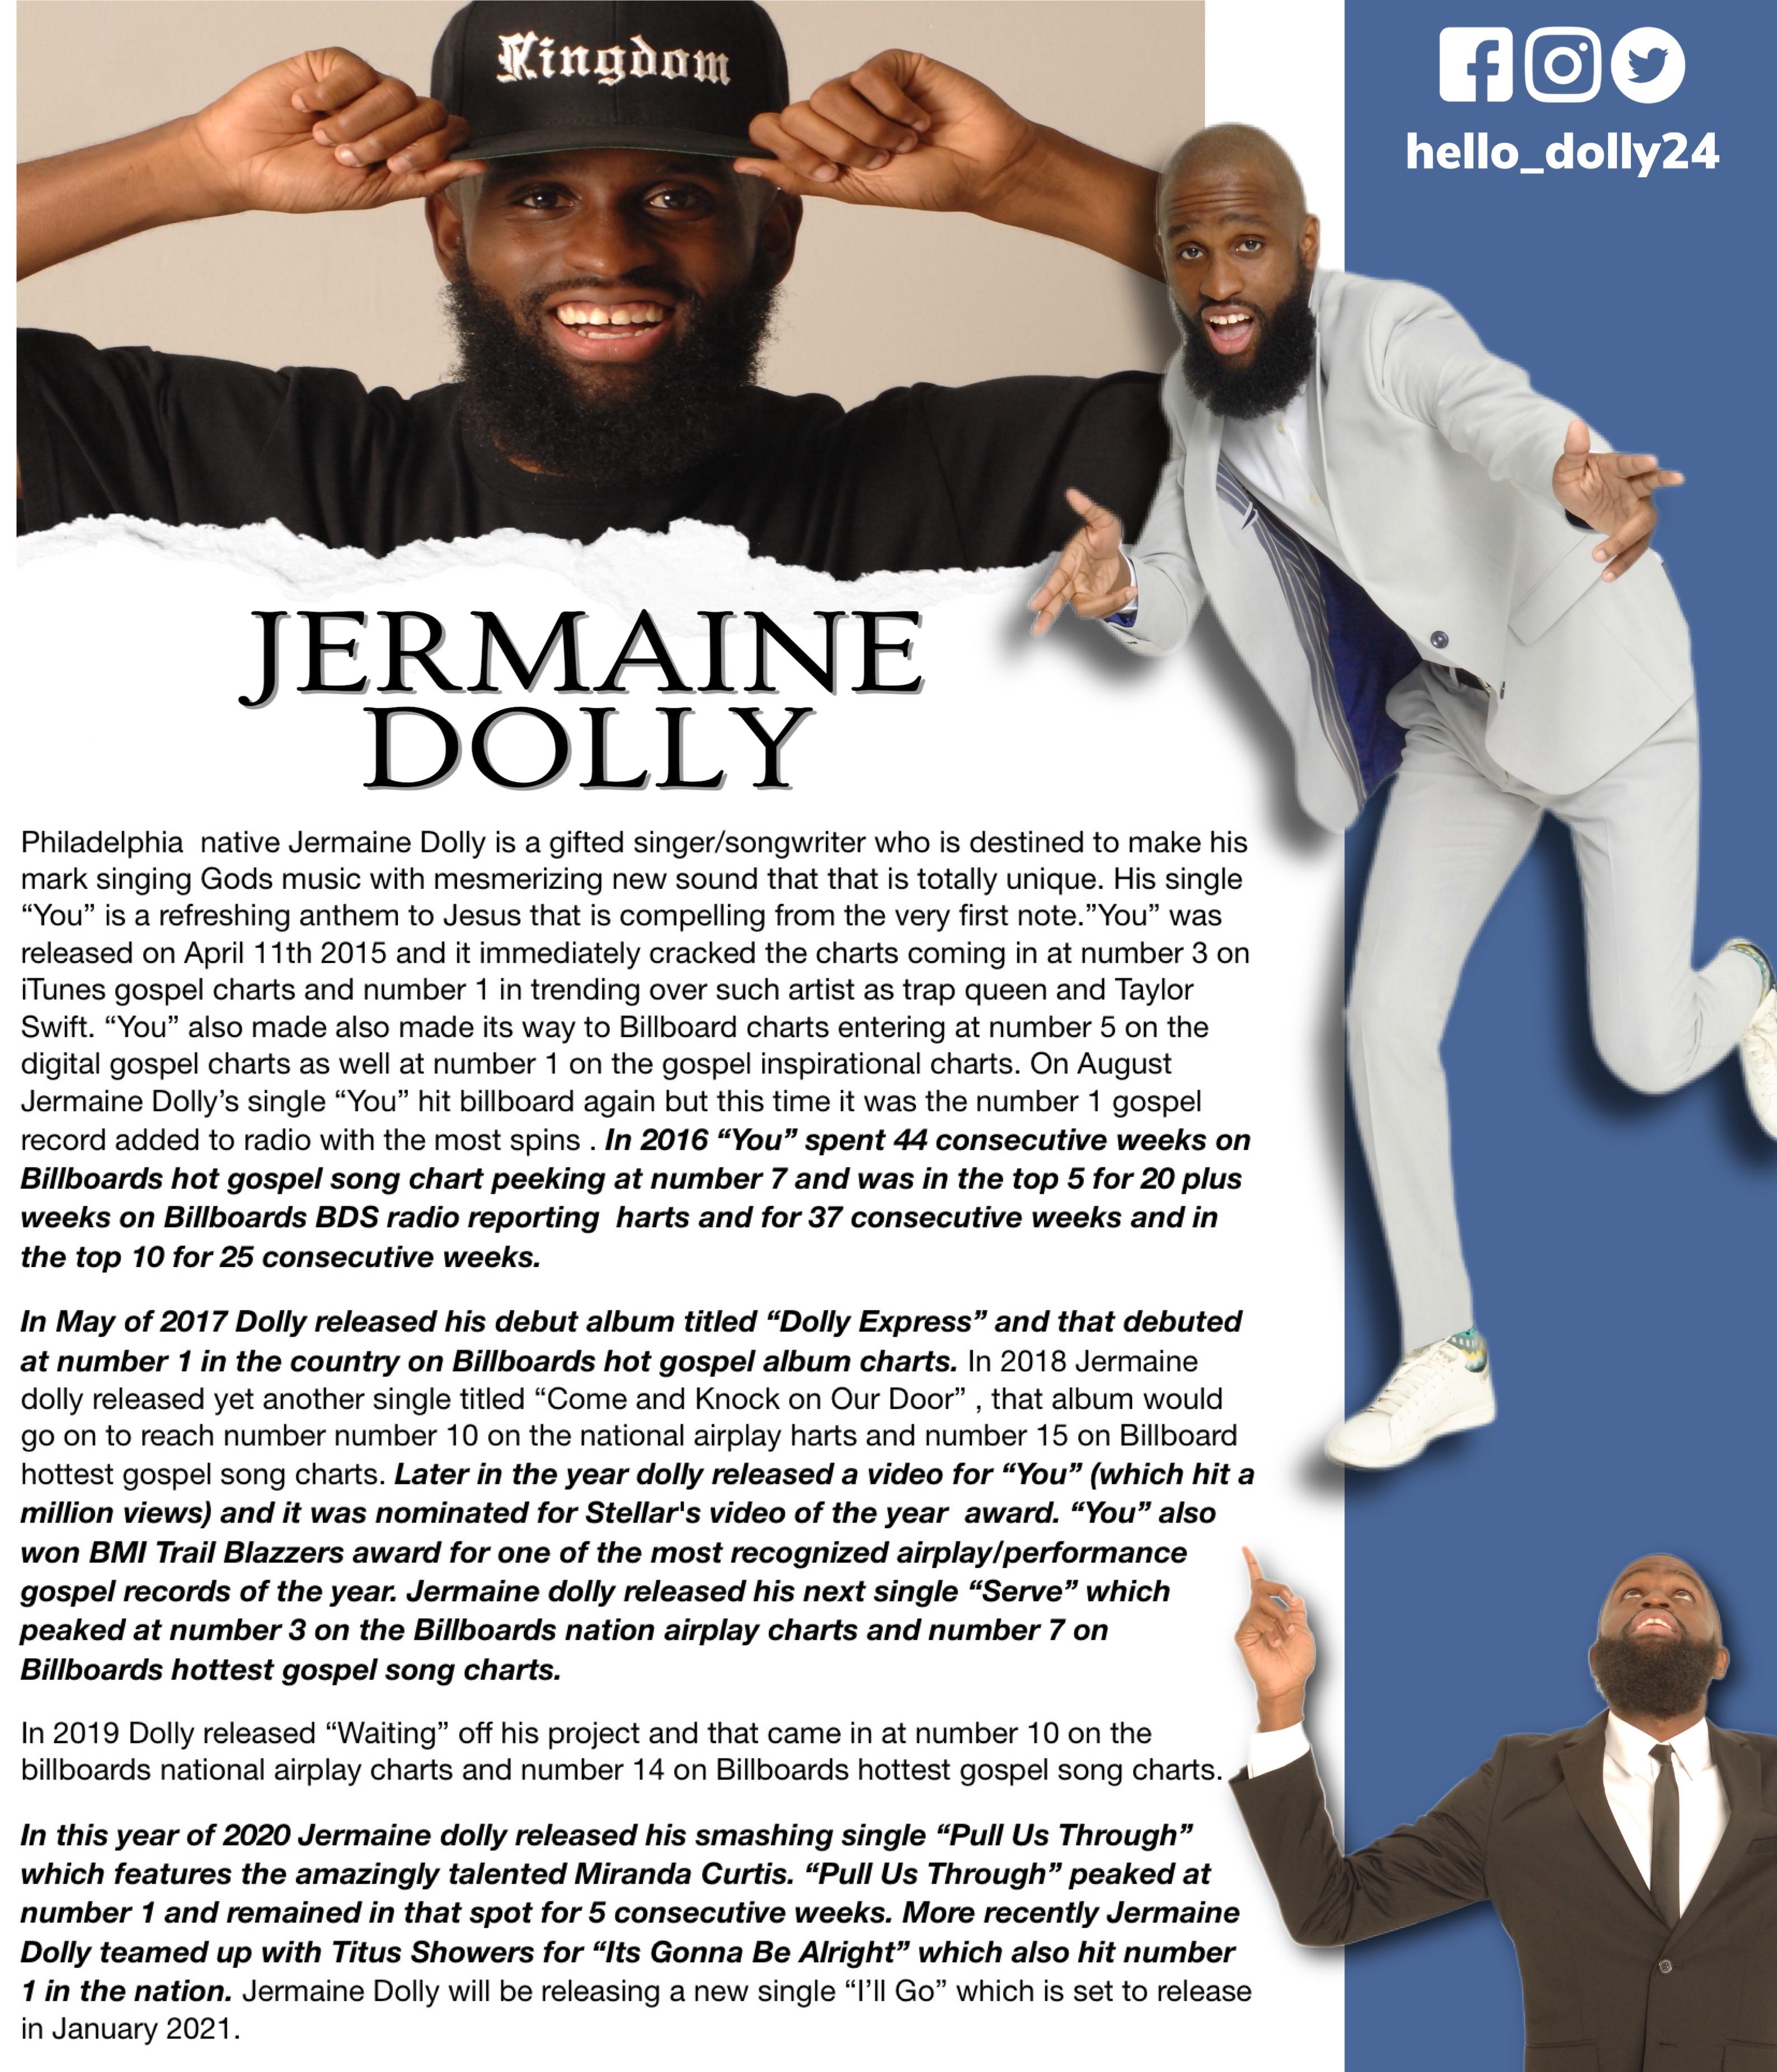 Jermaine Dolly's Bio